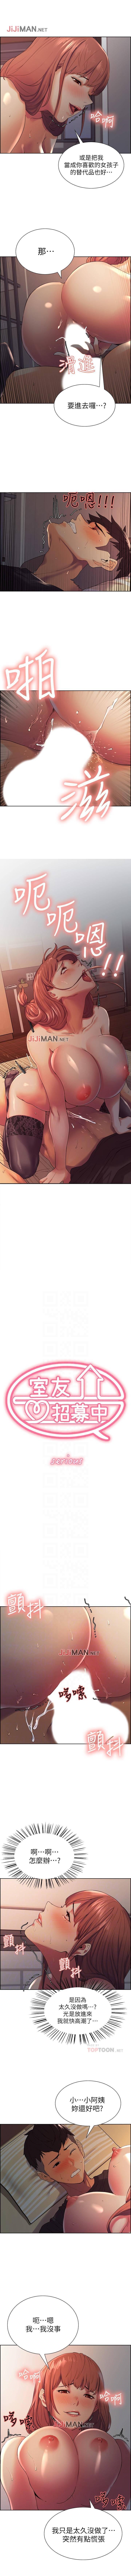 【周二连载】室友招募中(作者:Serious) 第1~15话 73